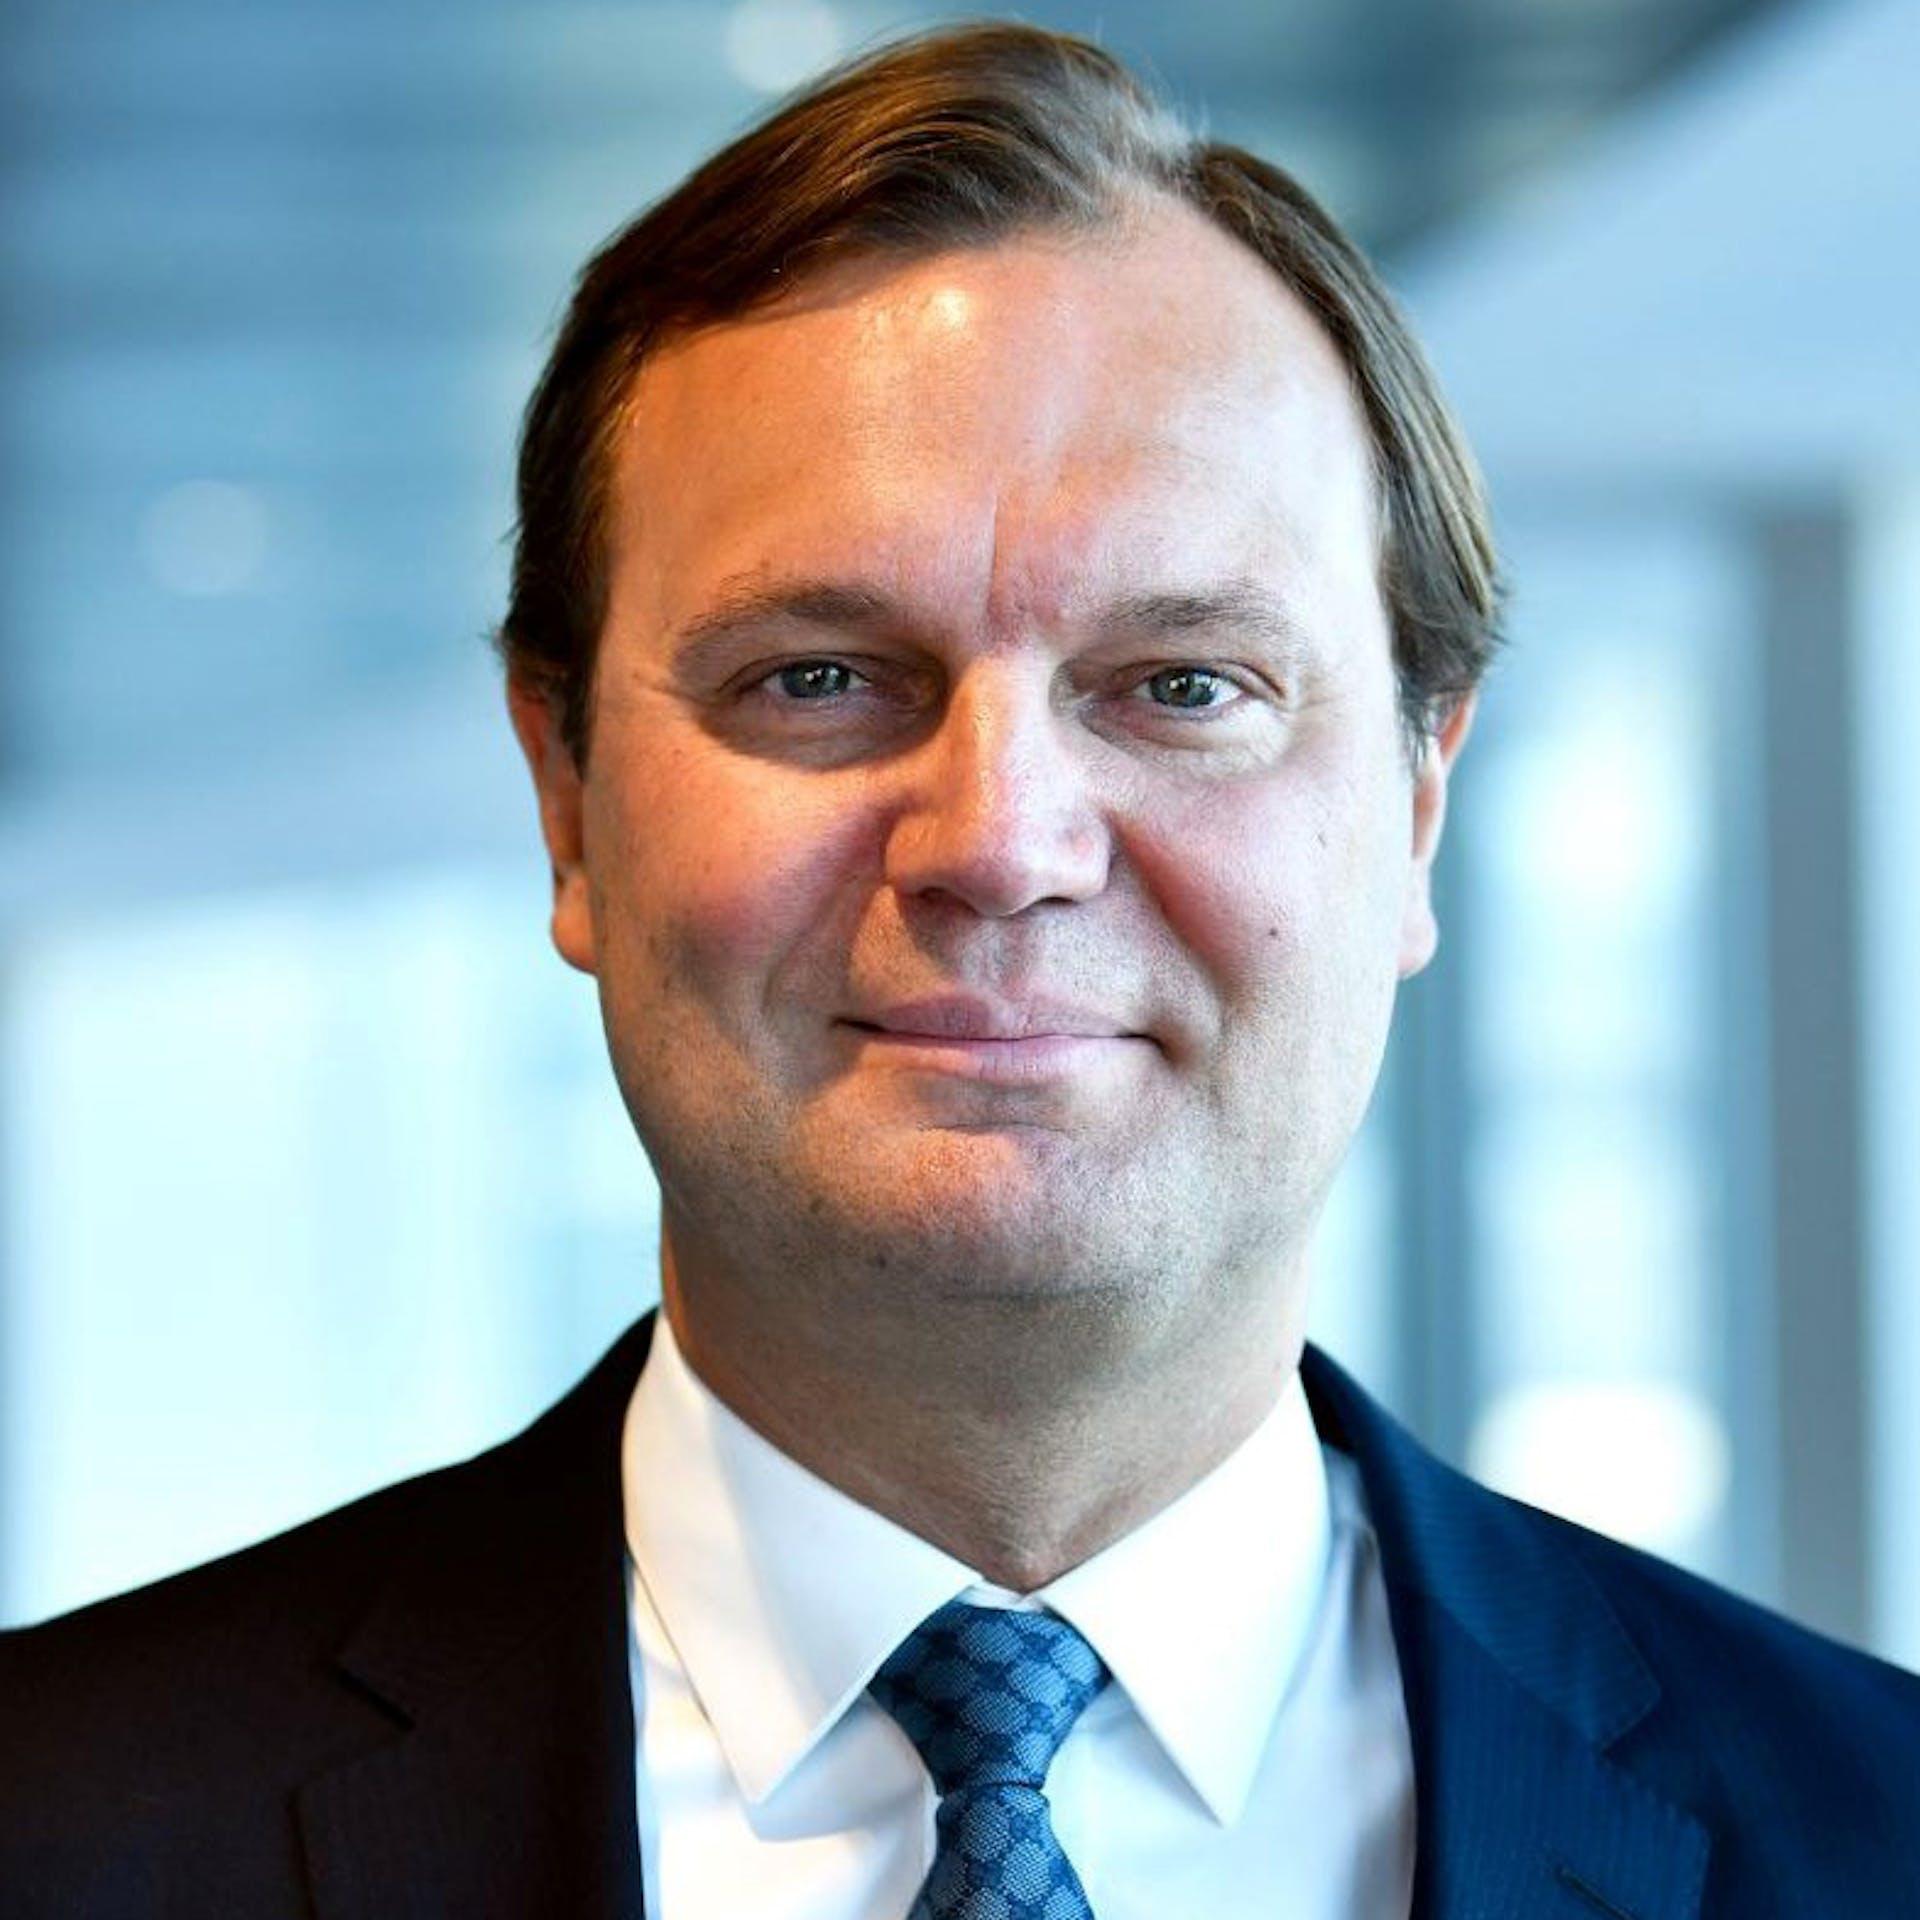 Thomas Kønig, framkvæmdastjóri og yfirmaður Norðurlandamála hjá Goldman Sachs Asset Management